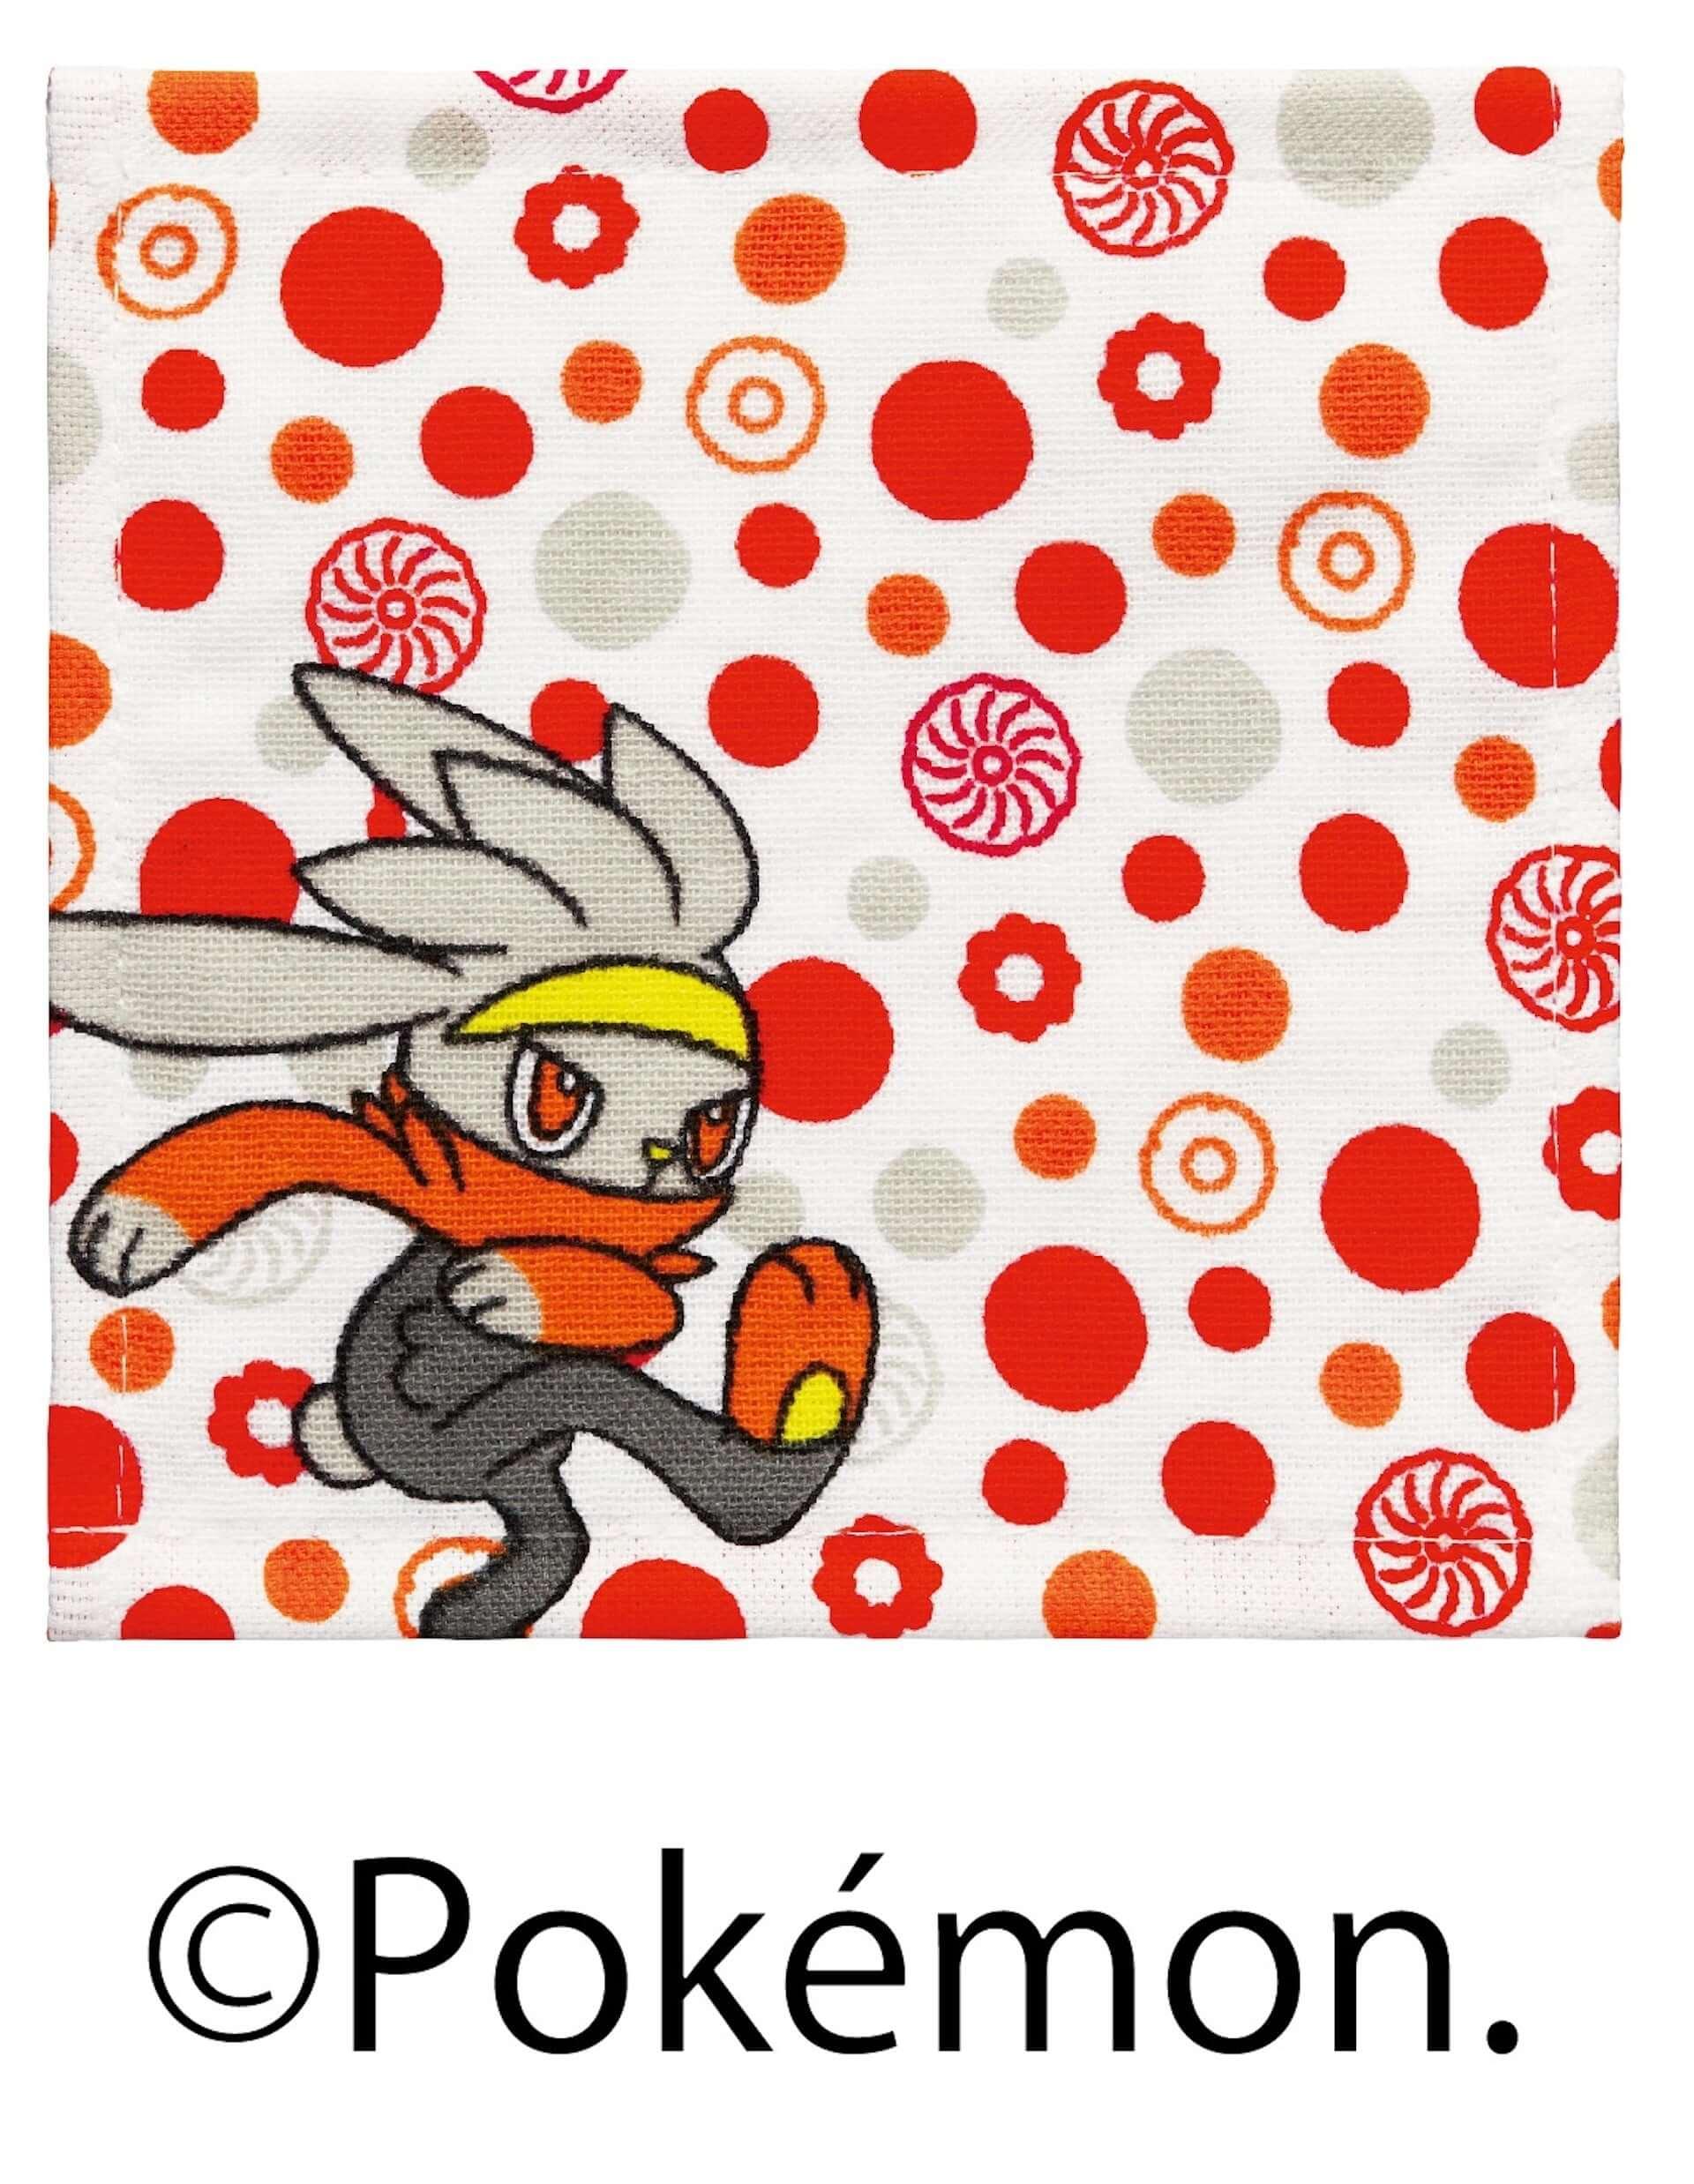 ミスタードーナツの『ポケモン キッズセット』に数量限定の新グッズ・タオルハンカチが登場!デザインはピカチュウ、ラビフットなど4種展開 art201216_misterdonut-pokemon_1-1920x2476